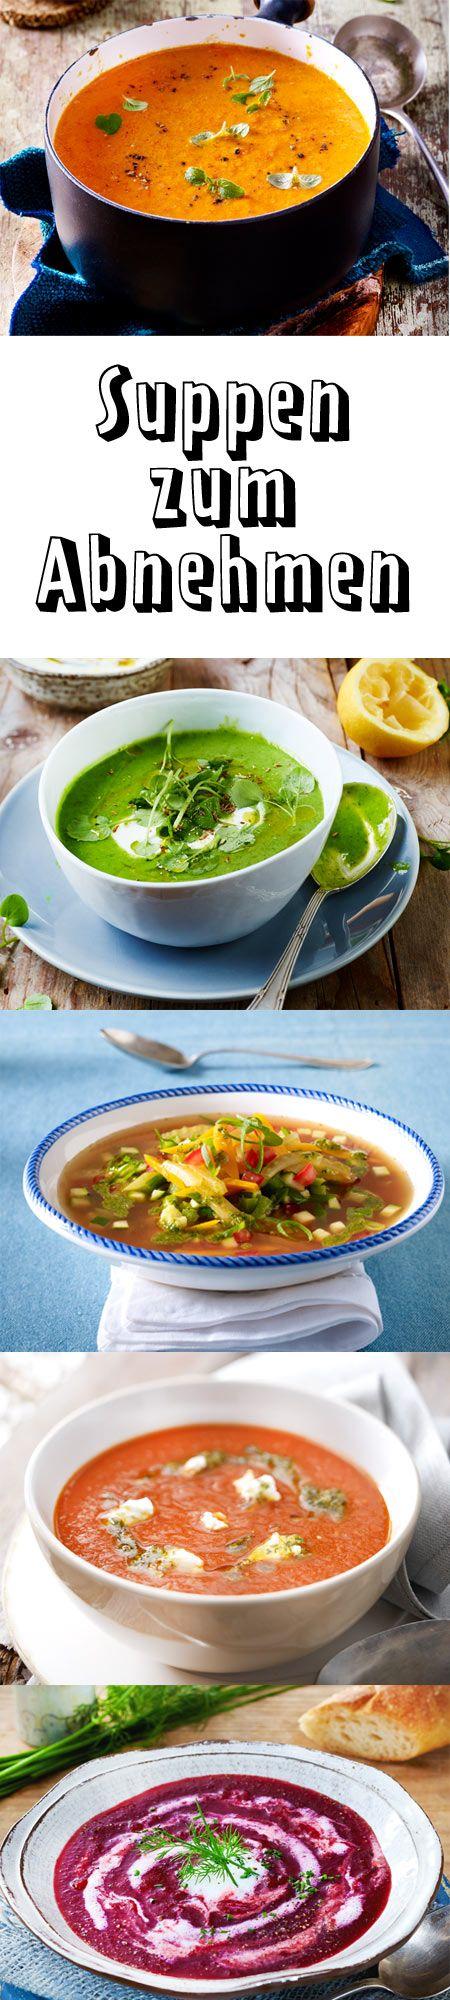 top 5 suppen zum abnehmen entspannt abnehmen suppe abnehmen suppen und di t suppe. Black Bedroom Furniture Sets. Home Design Ideas